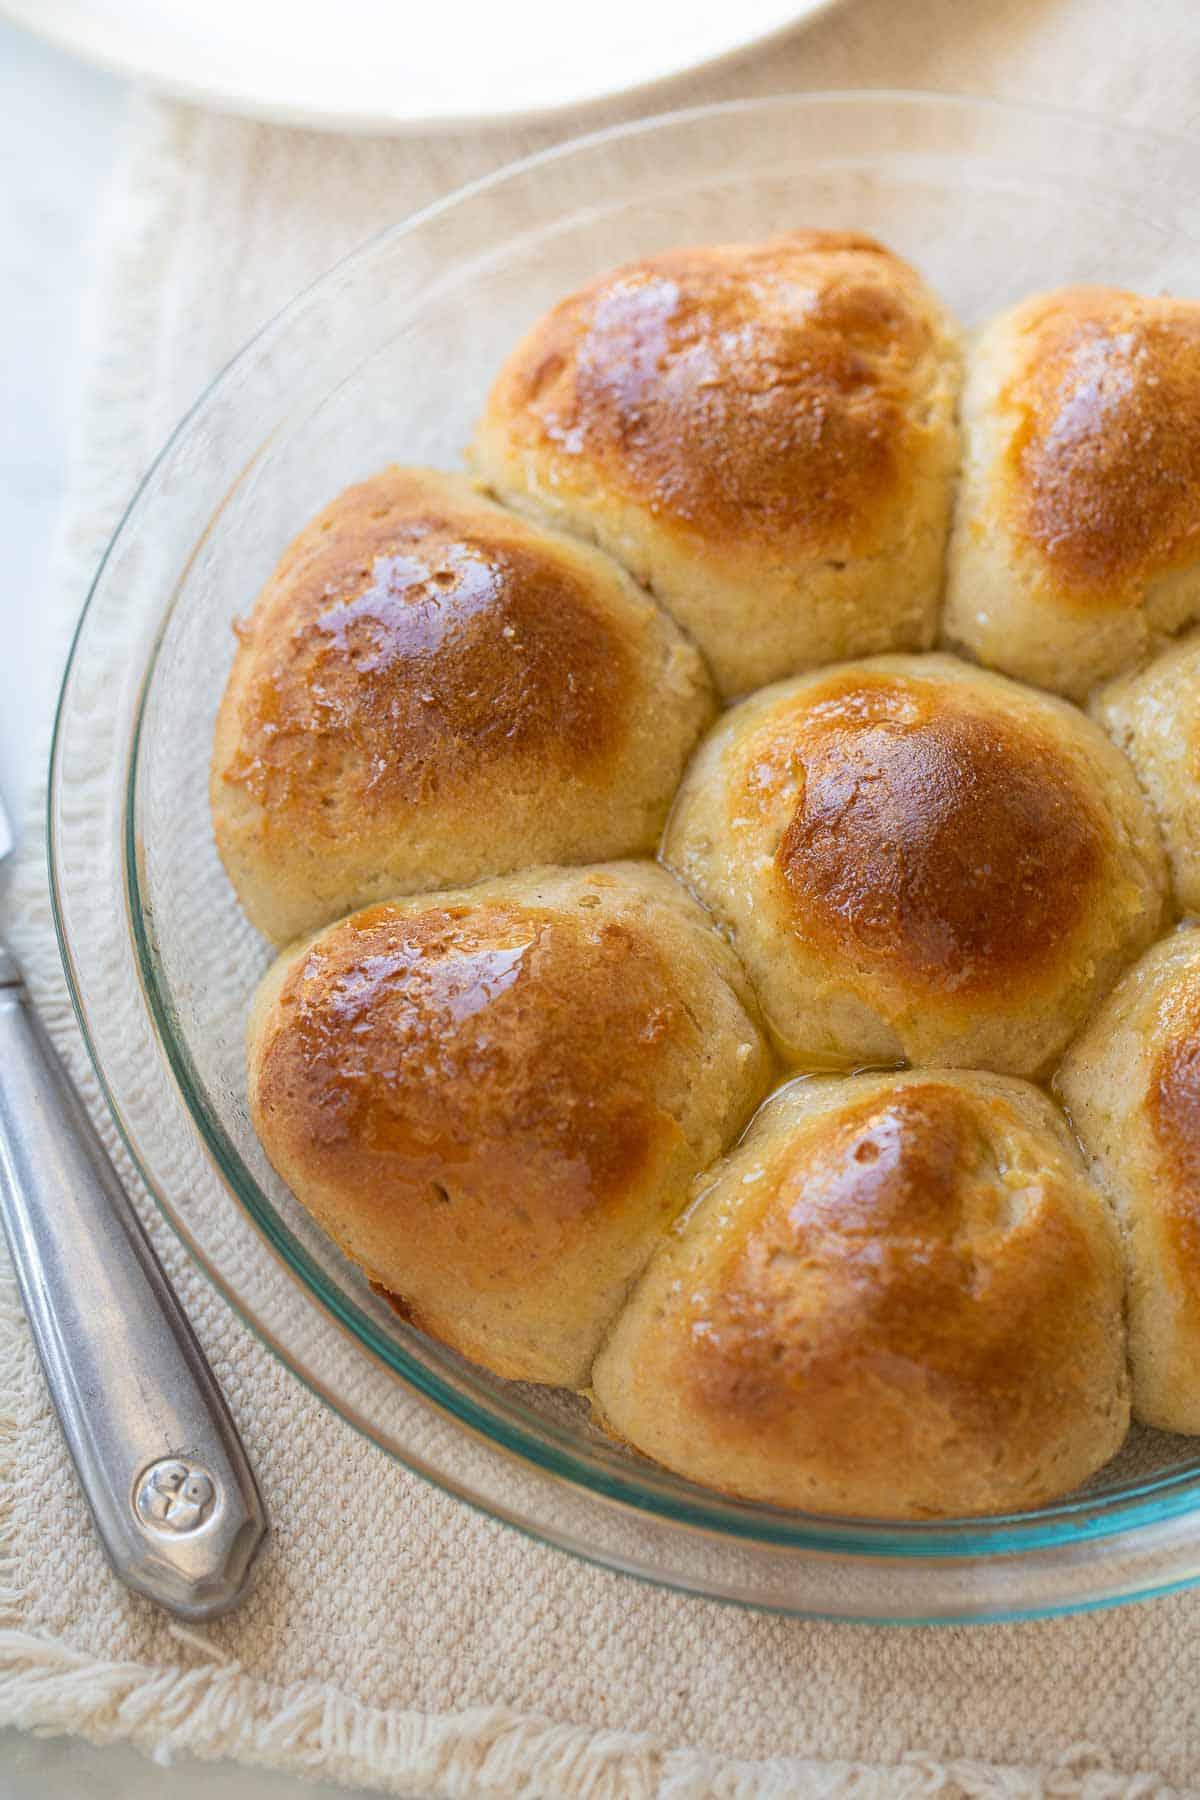 gluten-free rolls in baking pan